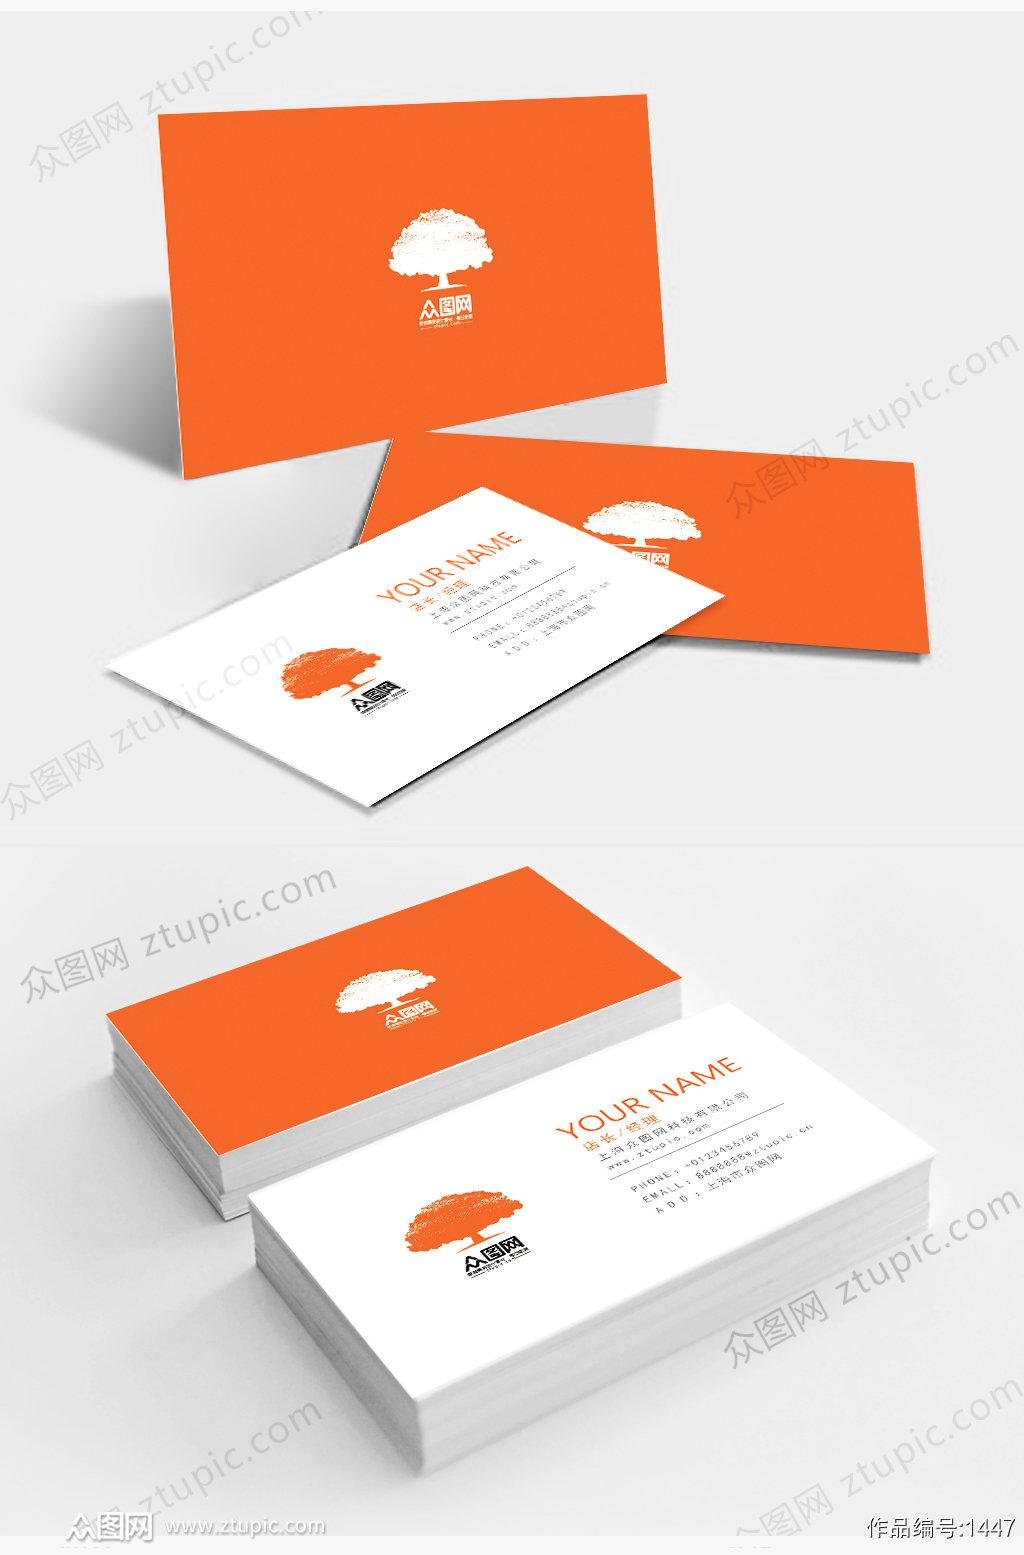 原创橙色简约名片设计素材